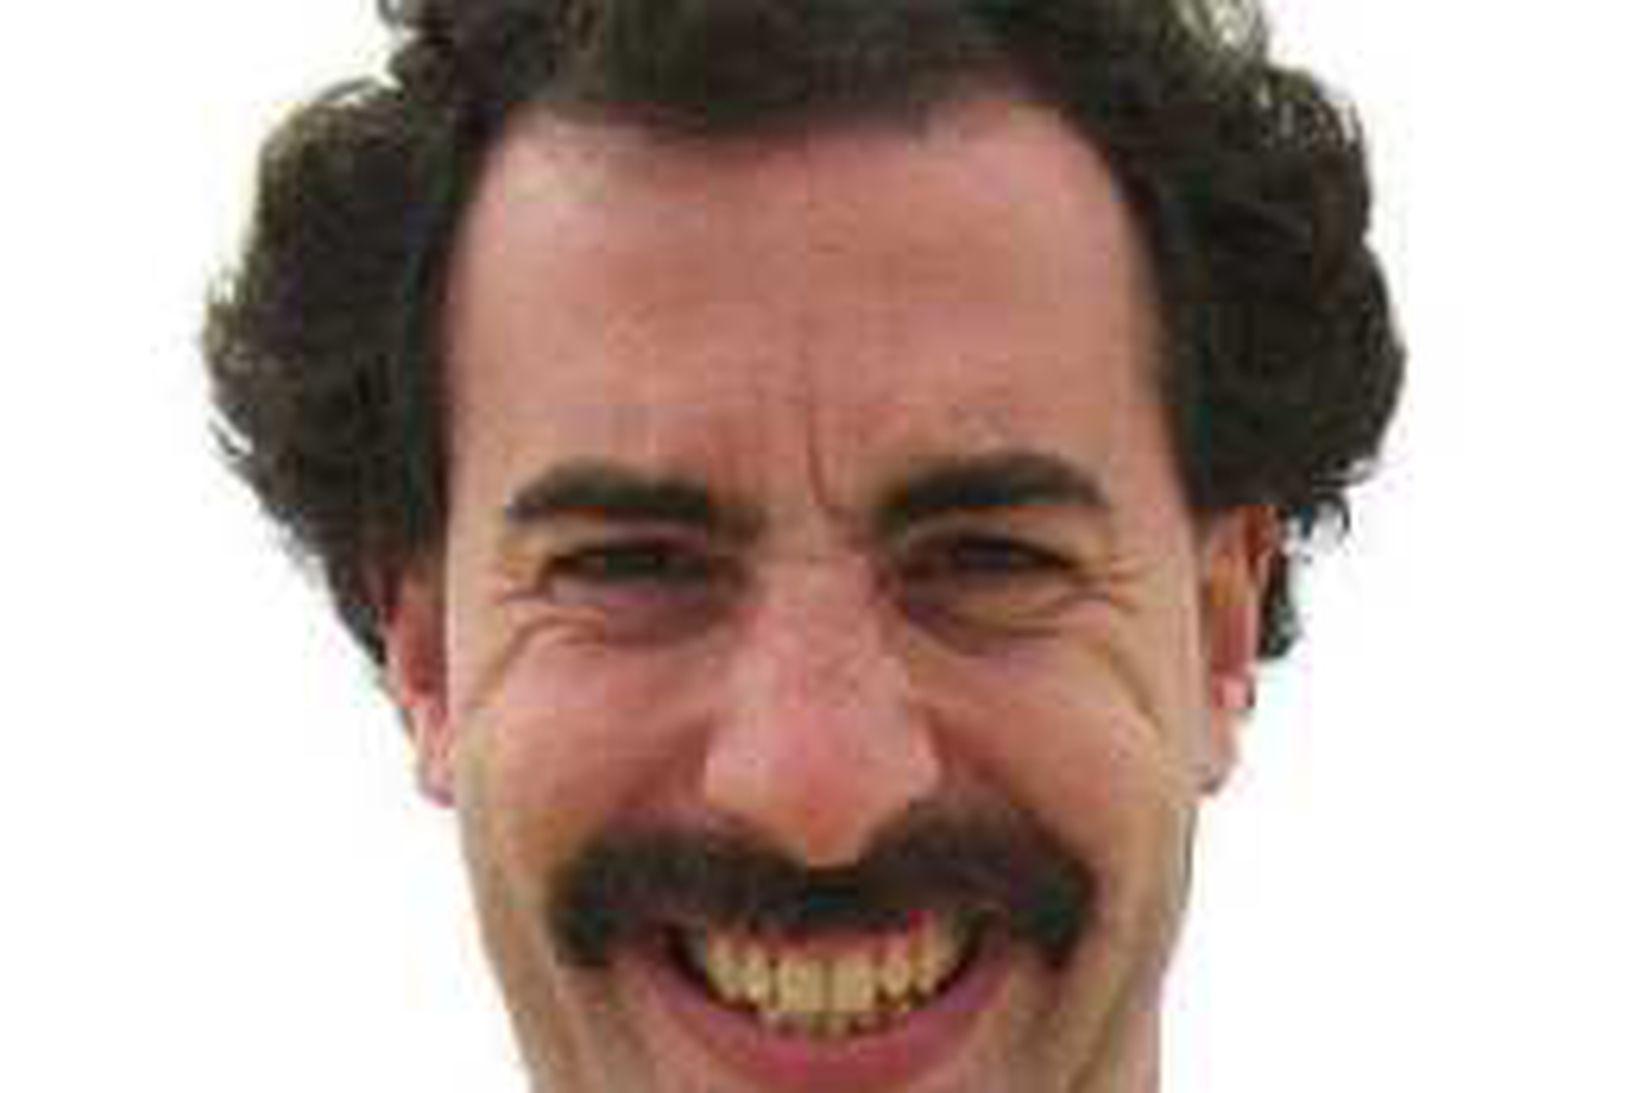 Borat, öðru nafni Sacha Baron Cohen (eða öfugt).